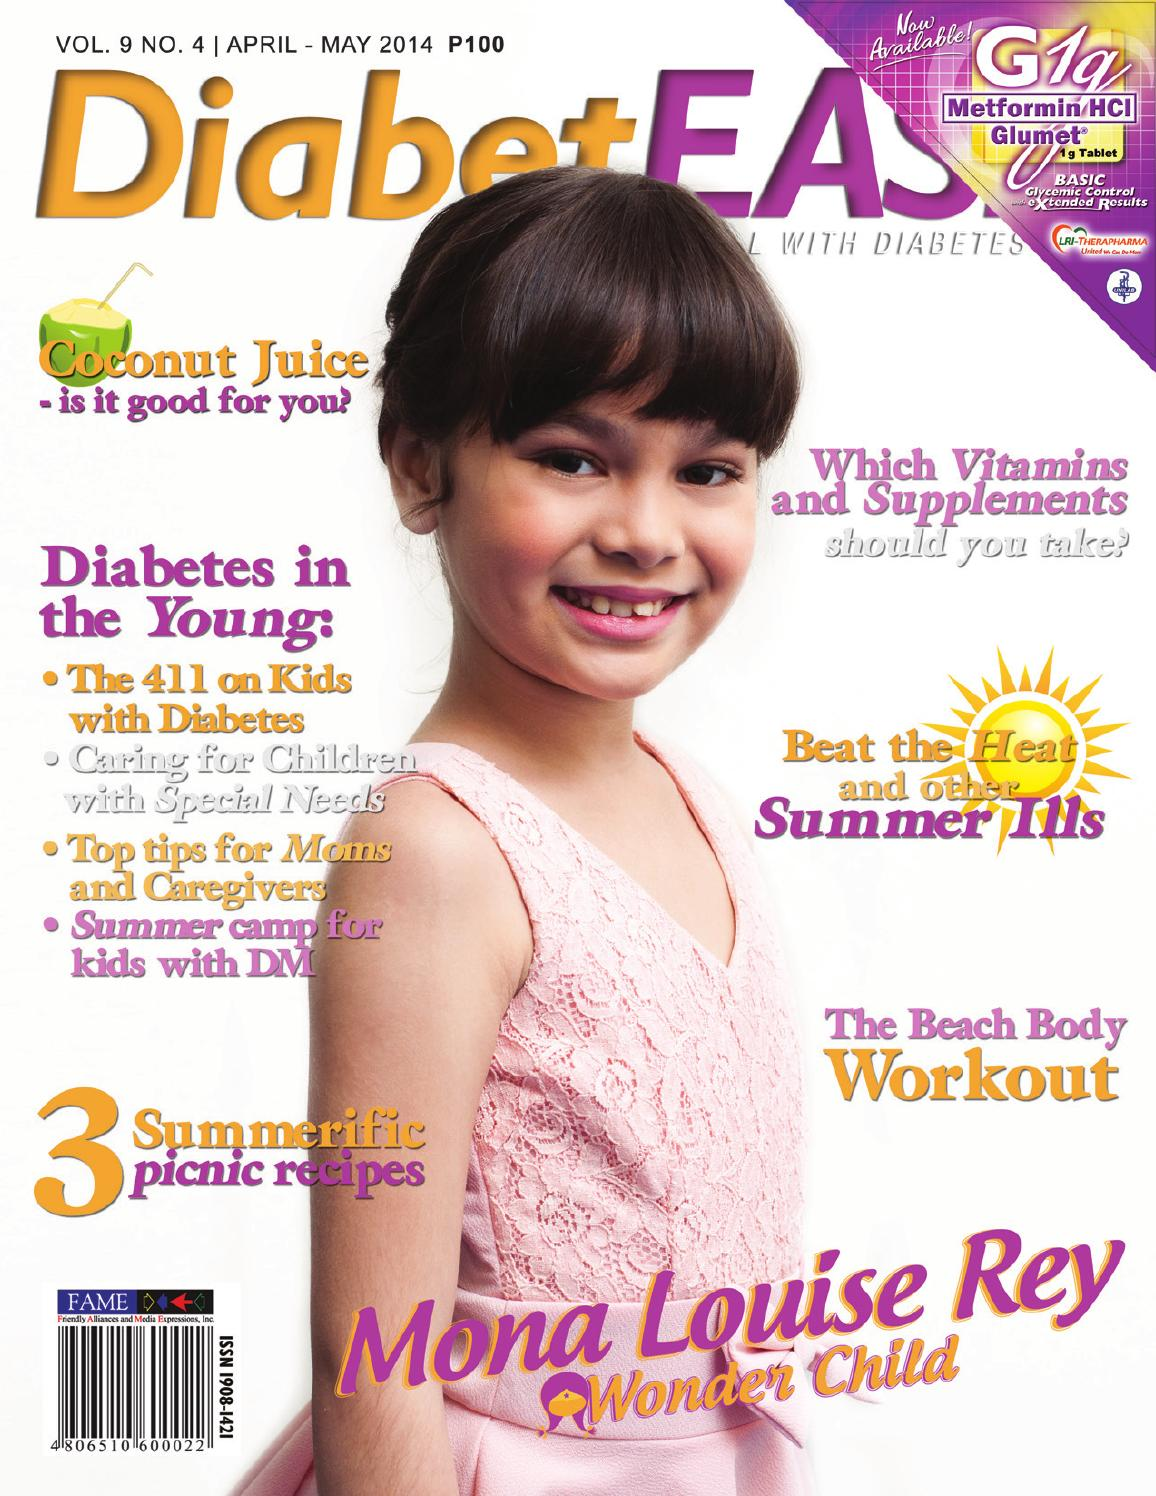 dieta de diabetes de mona louise rey